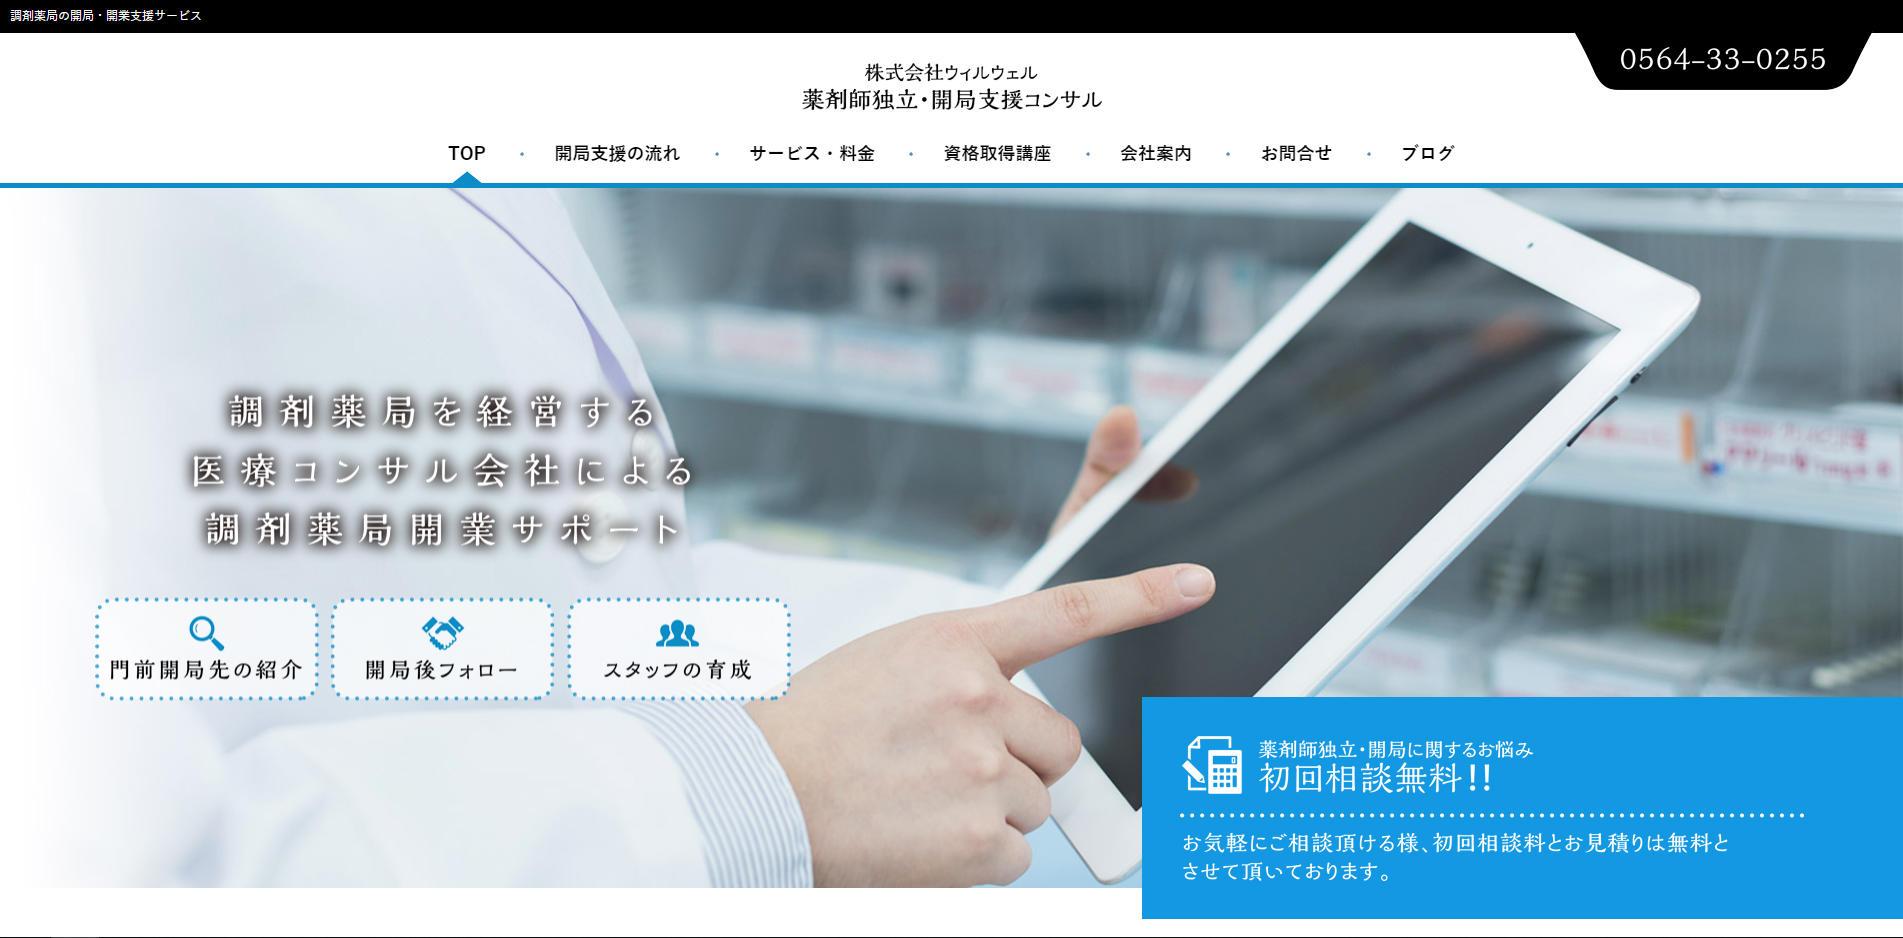 株式会社ウィルウェル 薬剤師独立・開局支援コンサルホームページ